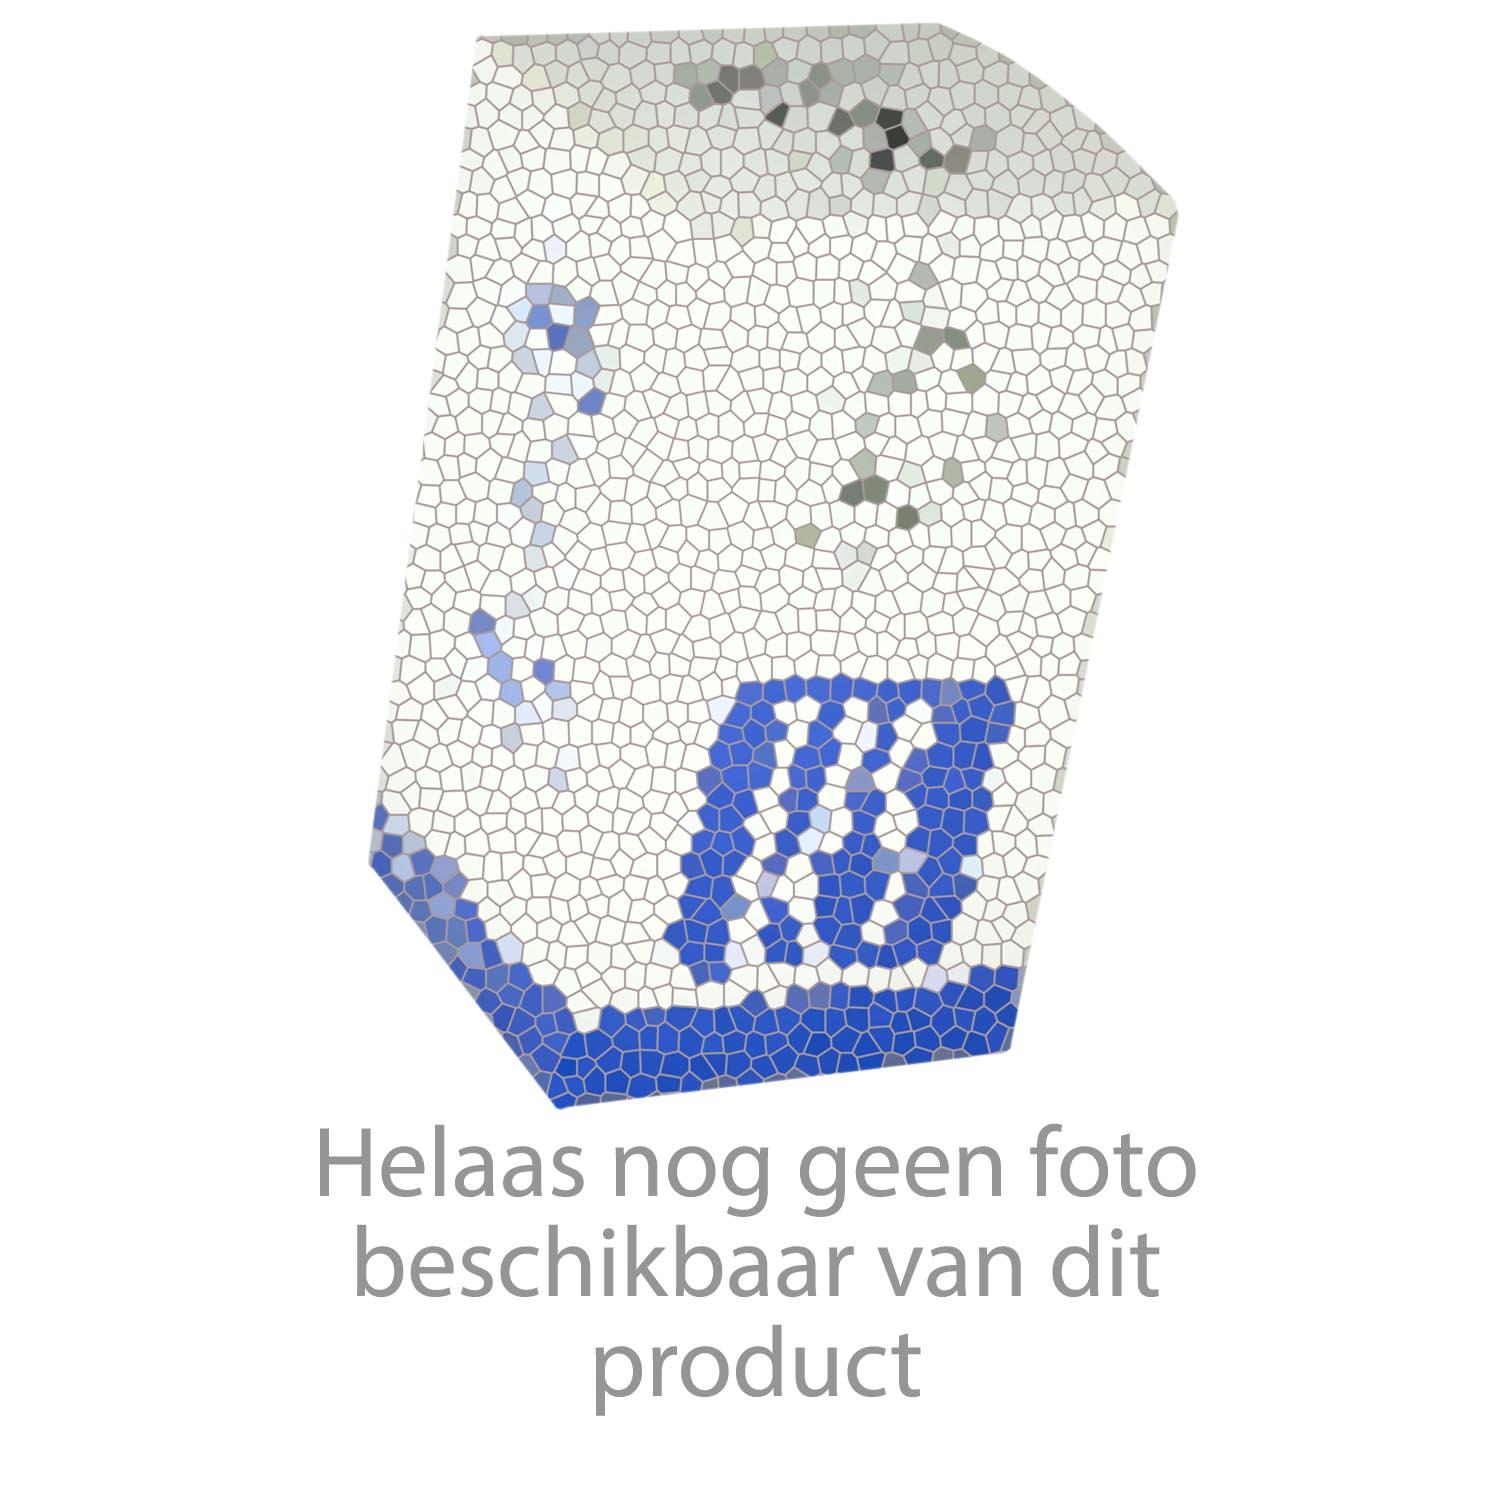 HansGrohe Keukenmengkranen Allegra Linea (Metropol) / Allegra Solida (Metris) productiejaar 10/96 - 12/01 14800 onderdelen